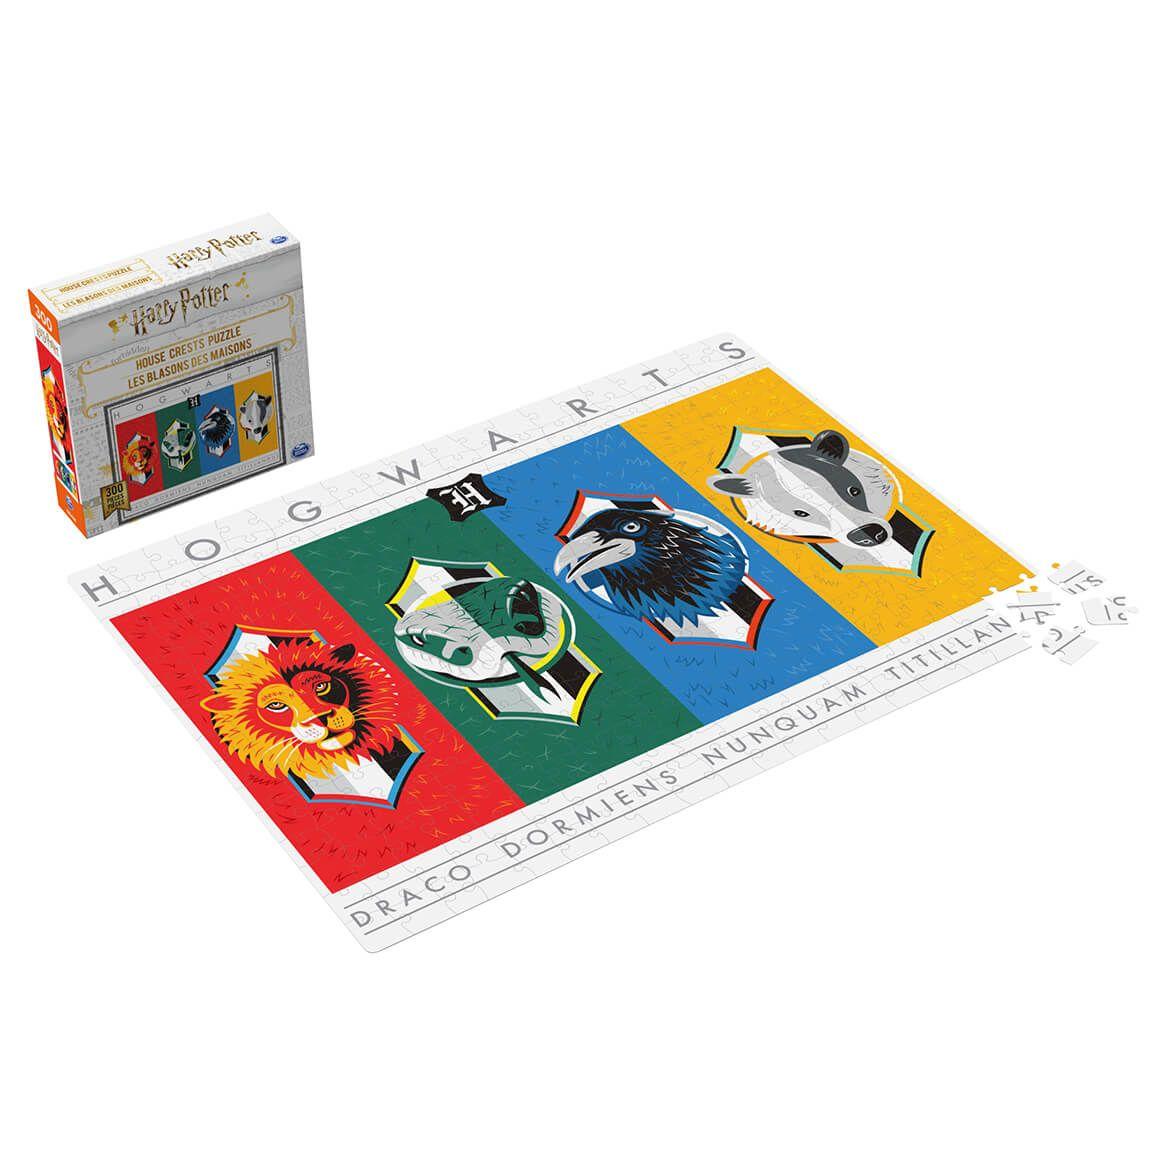 Harry Potter House Crests Puzzle, 300 Pieces-372481